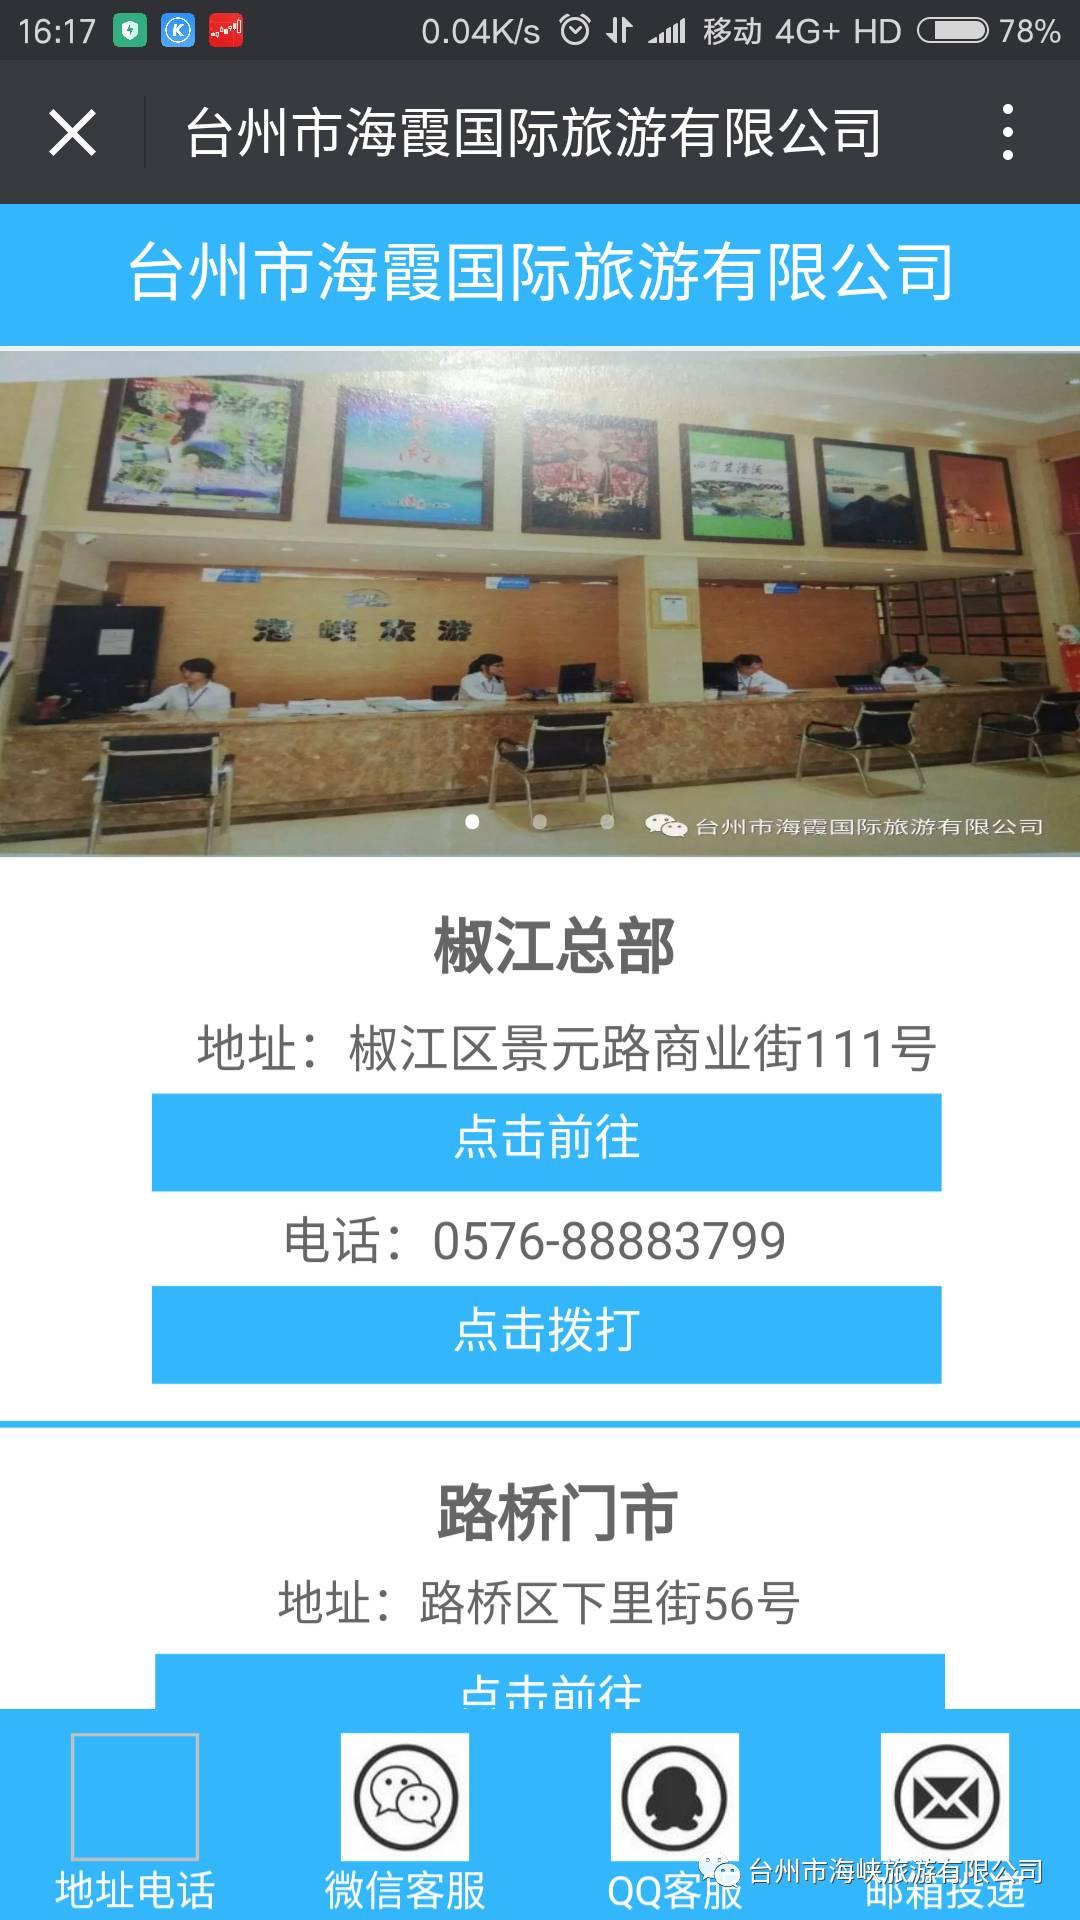 【公众号更新提示】菜单栏增加快捷服务,一键拨打电话图片